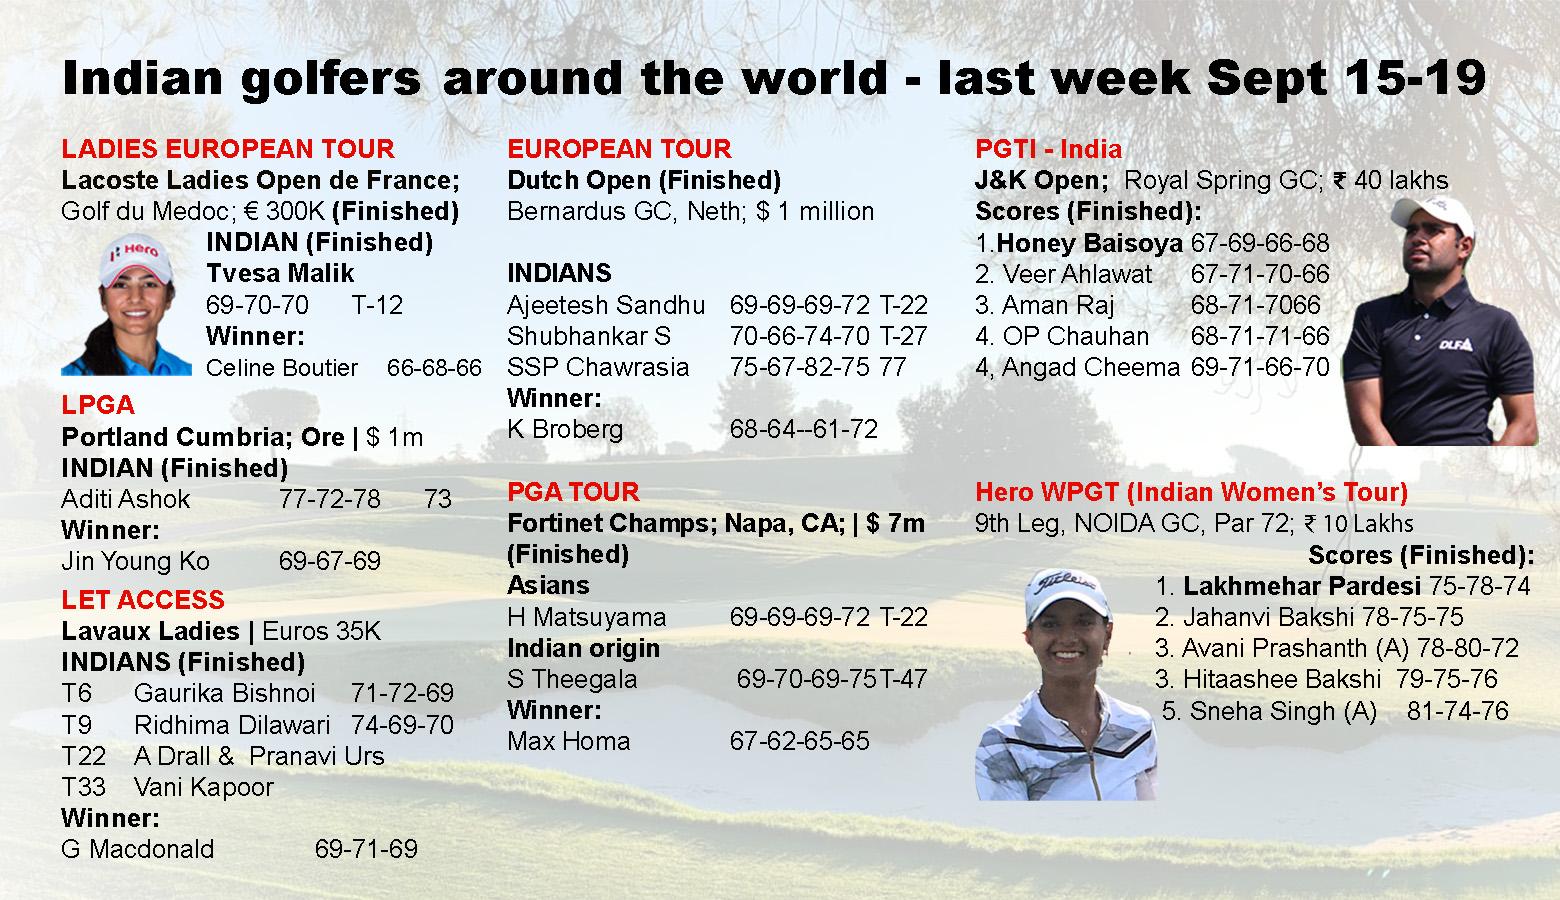 Golf Round – Indians around the world last week – Sept 15-19, 2021